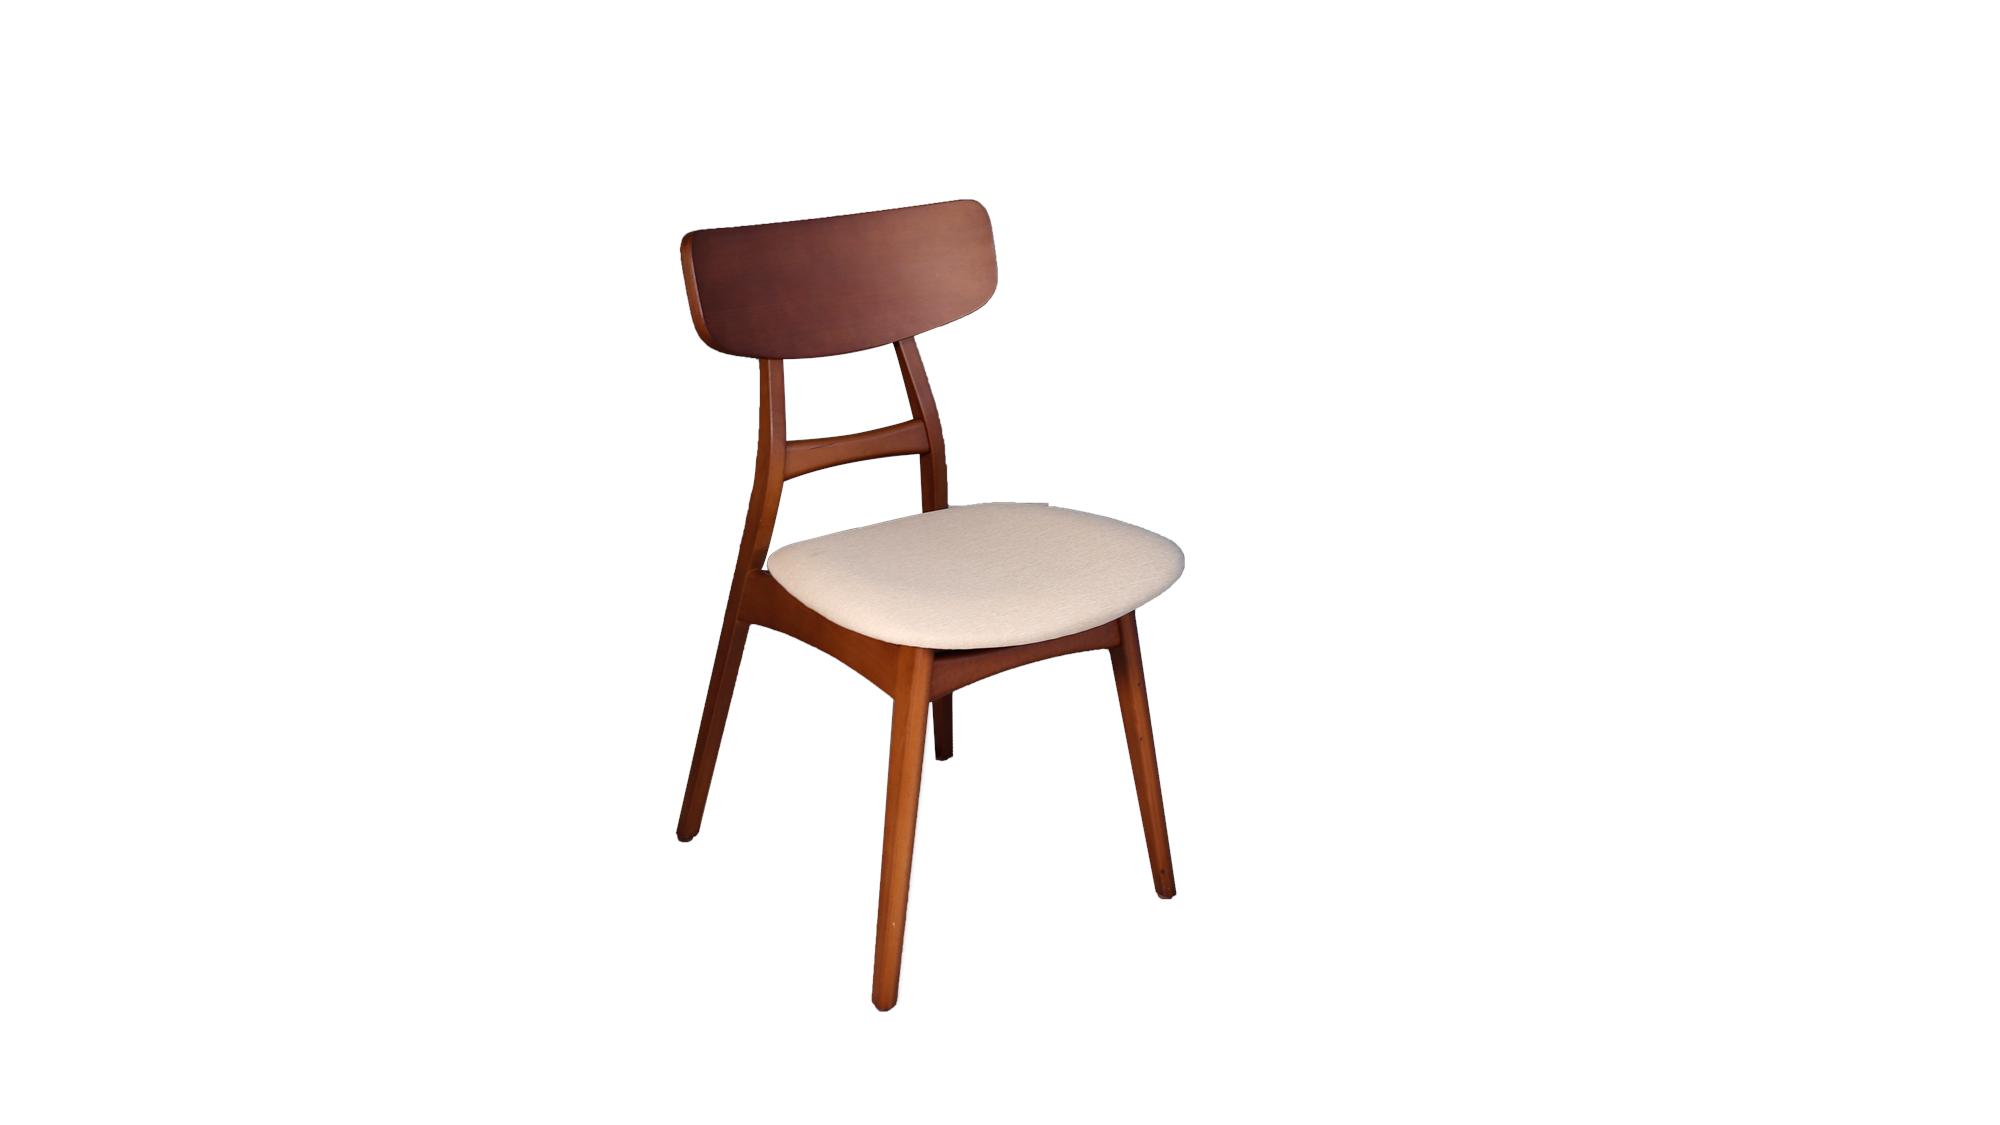 Stupendous Wc 259 Machost Co Dining Chair Design Ideas Machostcouk